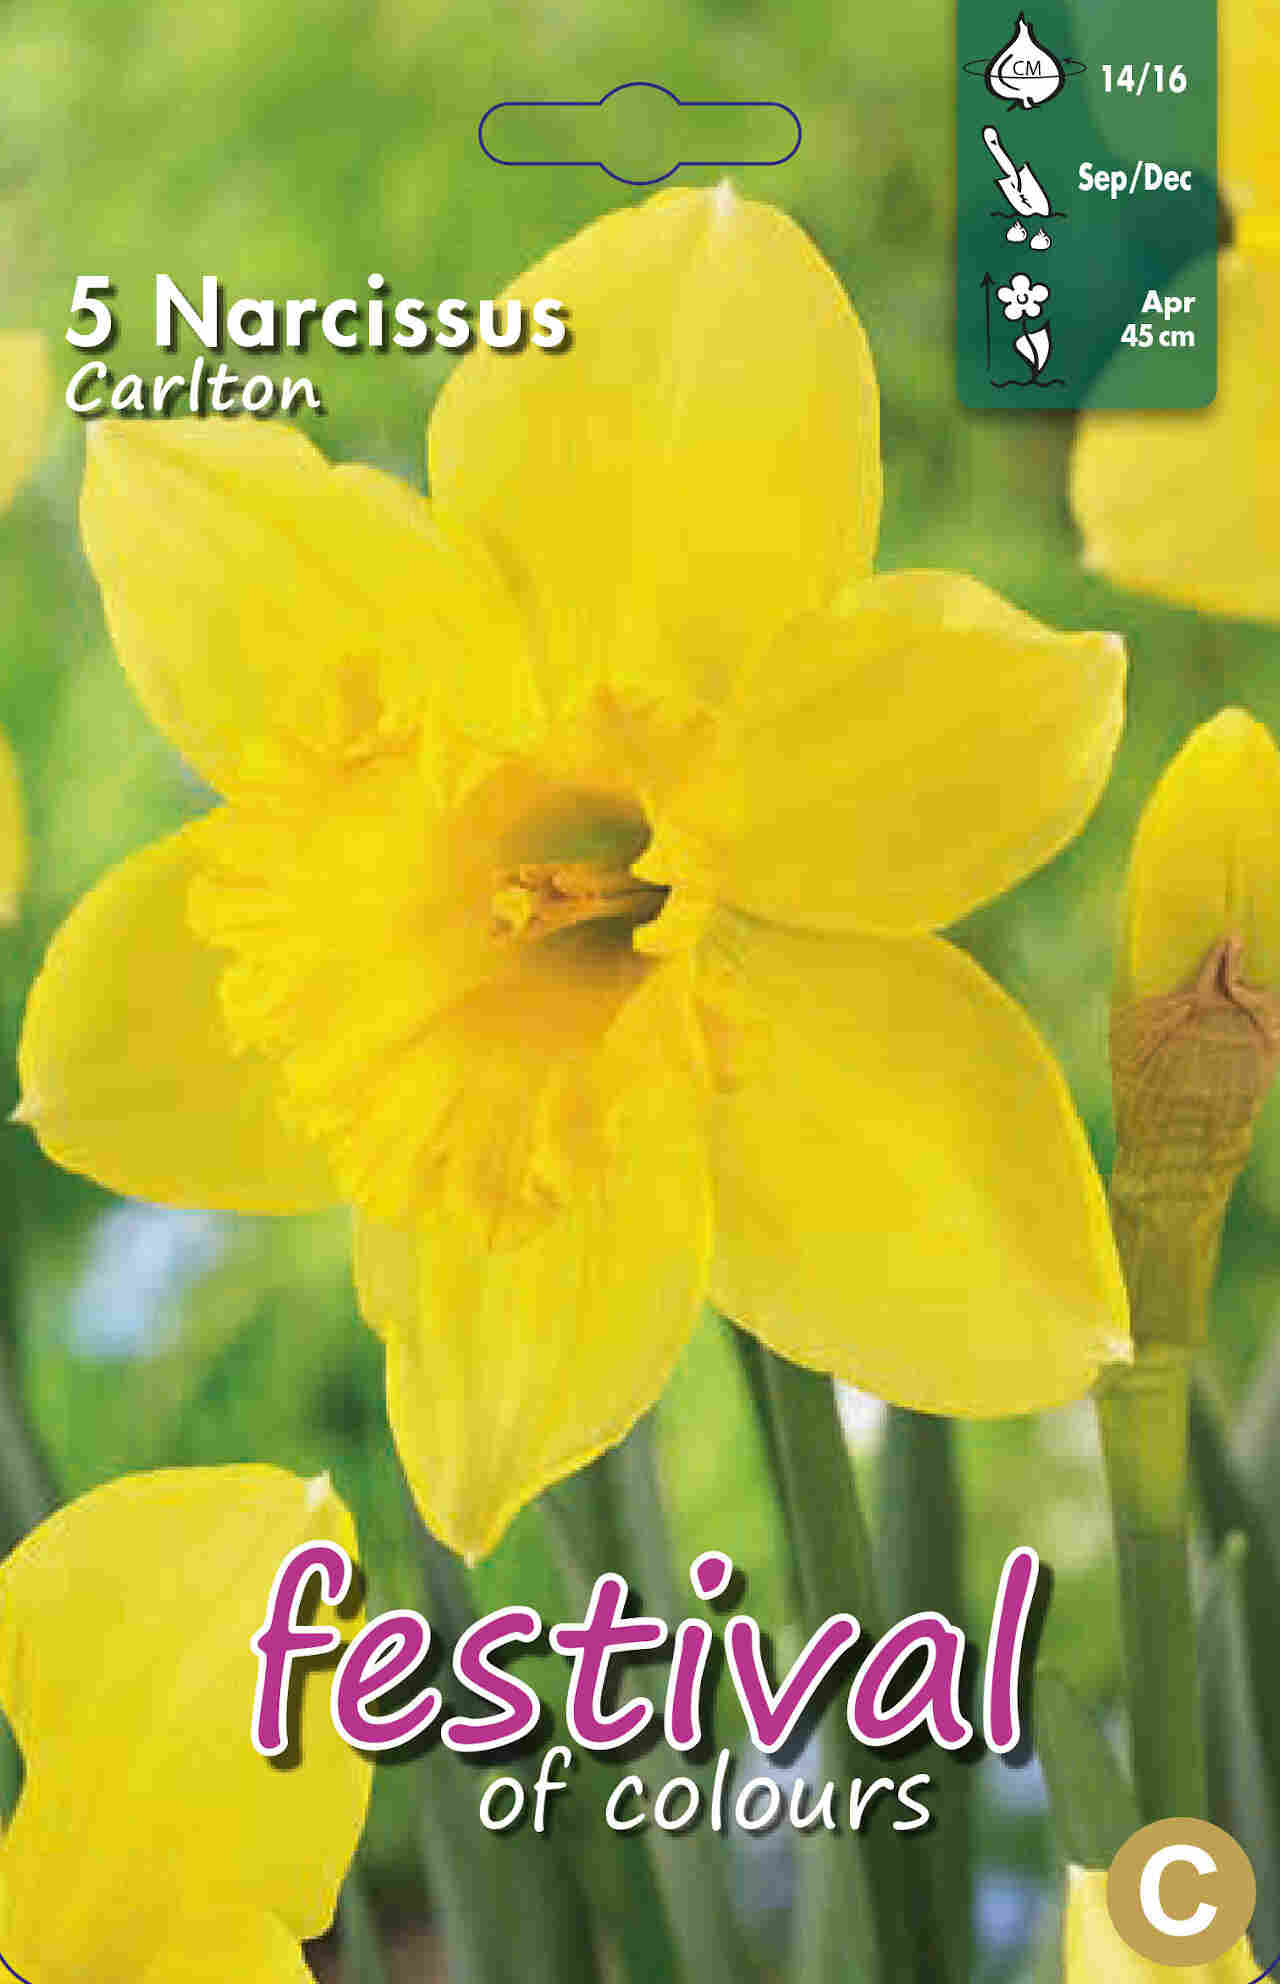 Påskeliljeløg - Narcissus Carlton 14/16